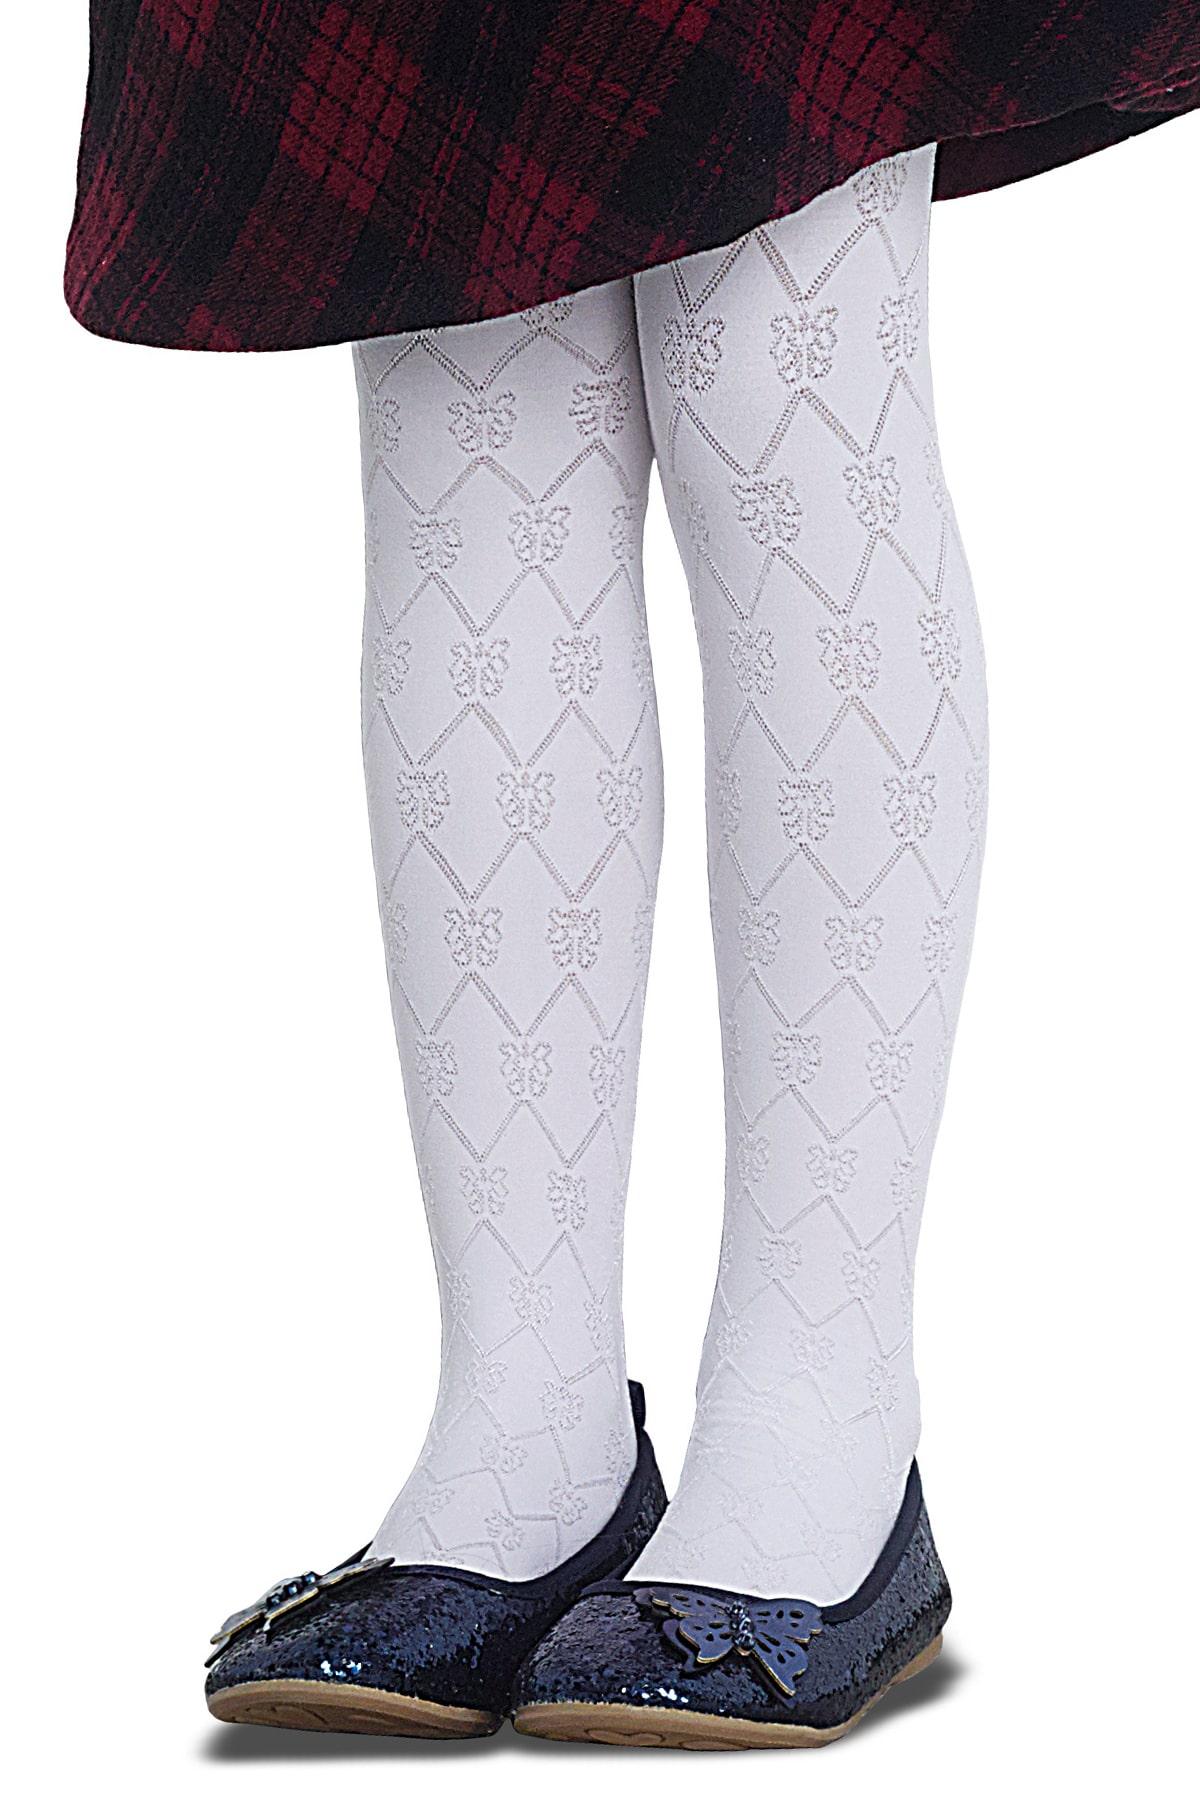 پنتی | Penti - جوراب شلواری دخترانه طرح fabian رنگ سفید